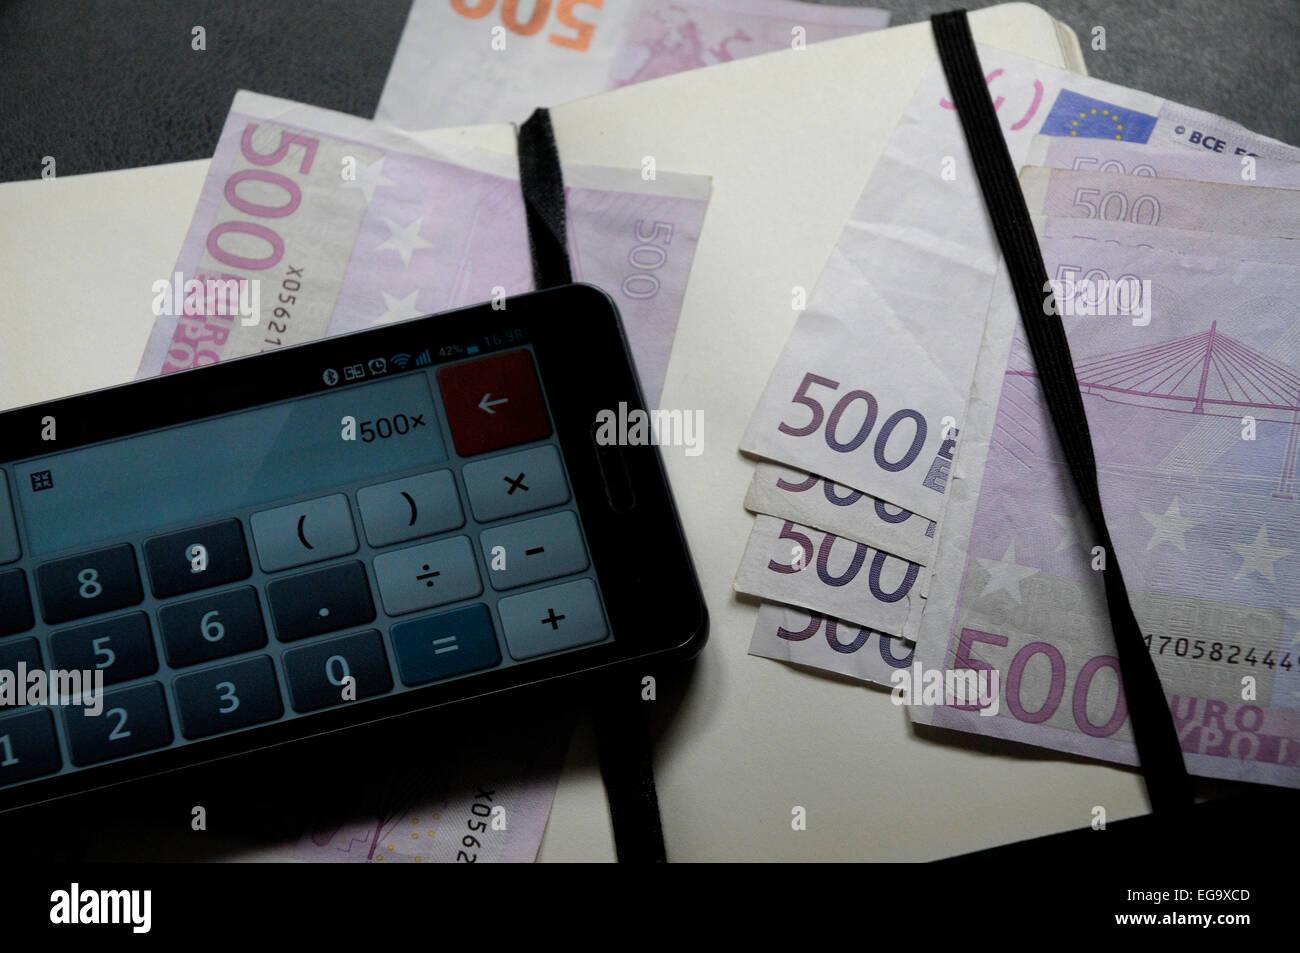 3000 euros on 500 euros six times money EEC, CEE - Stock Image